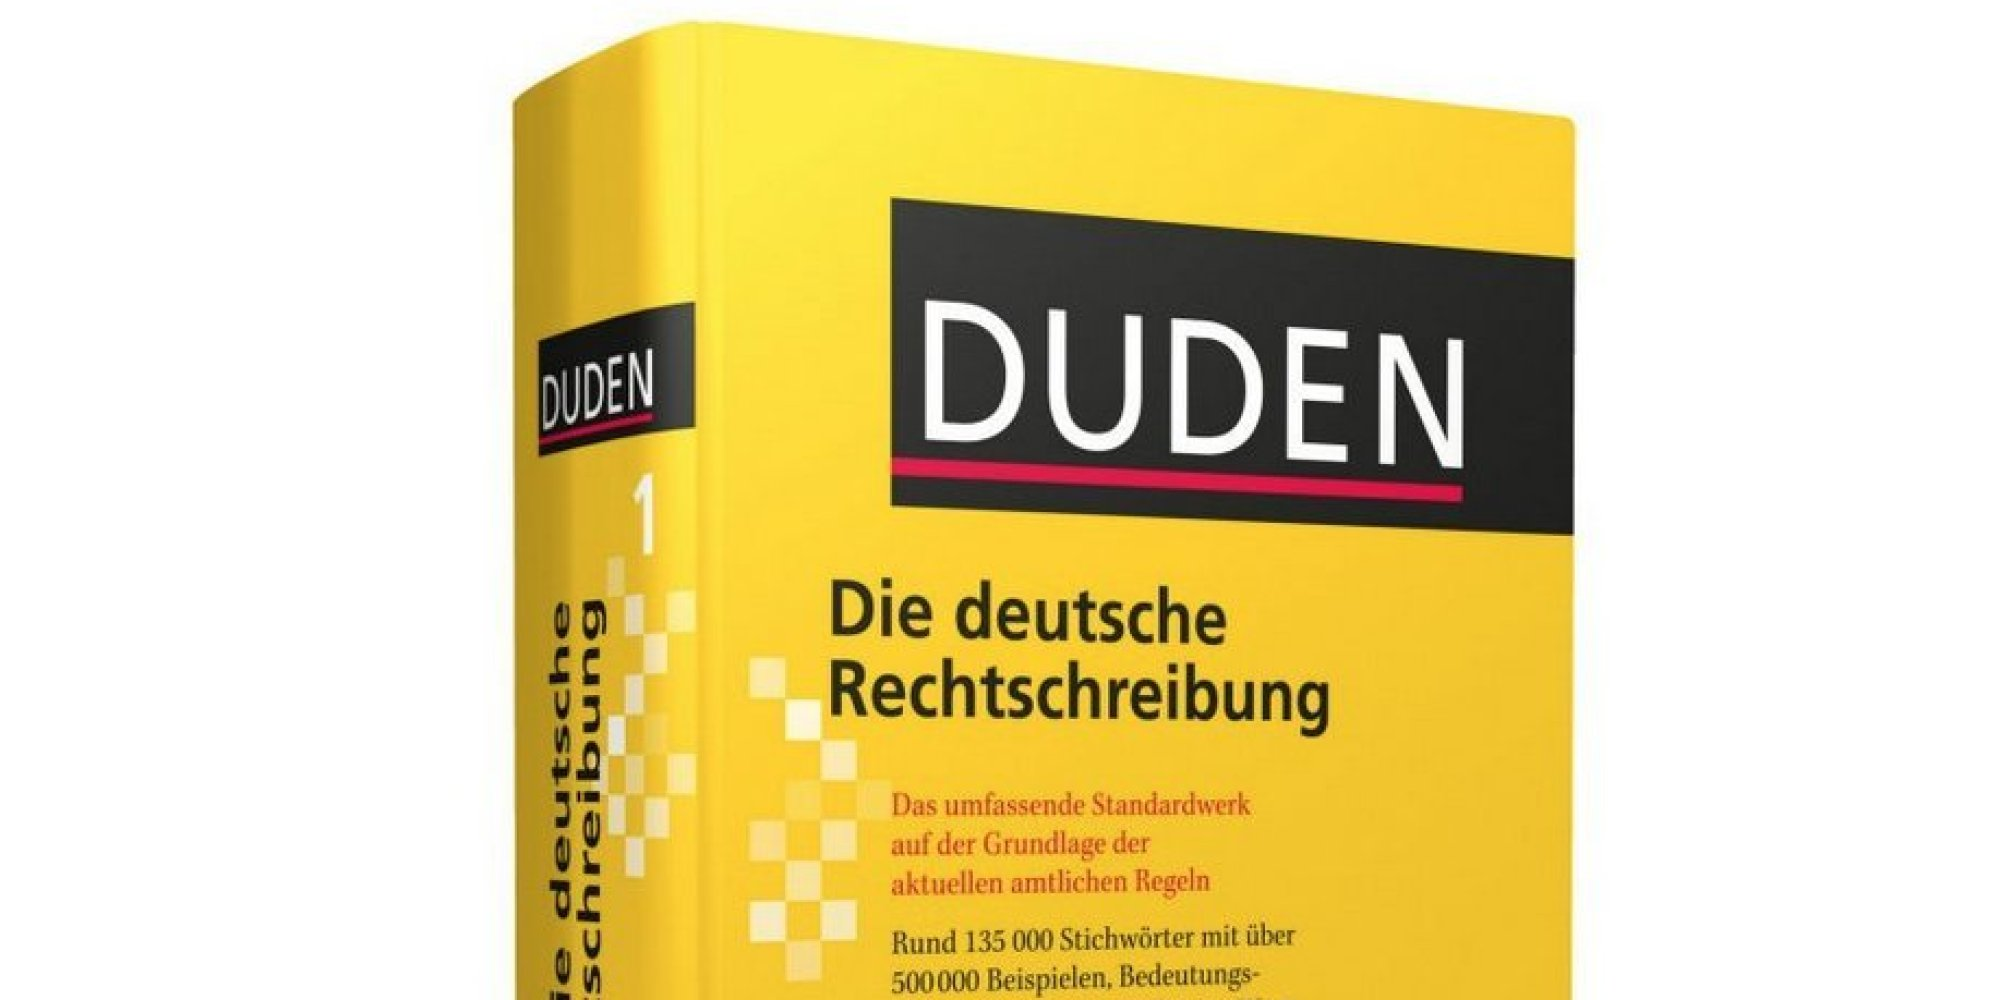 Tür duden  Tür Duden | harzite.com